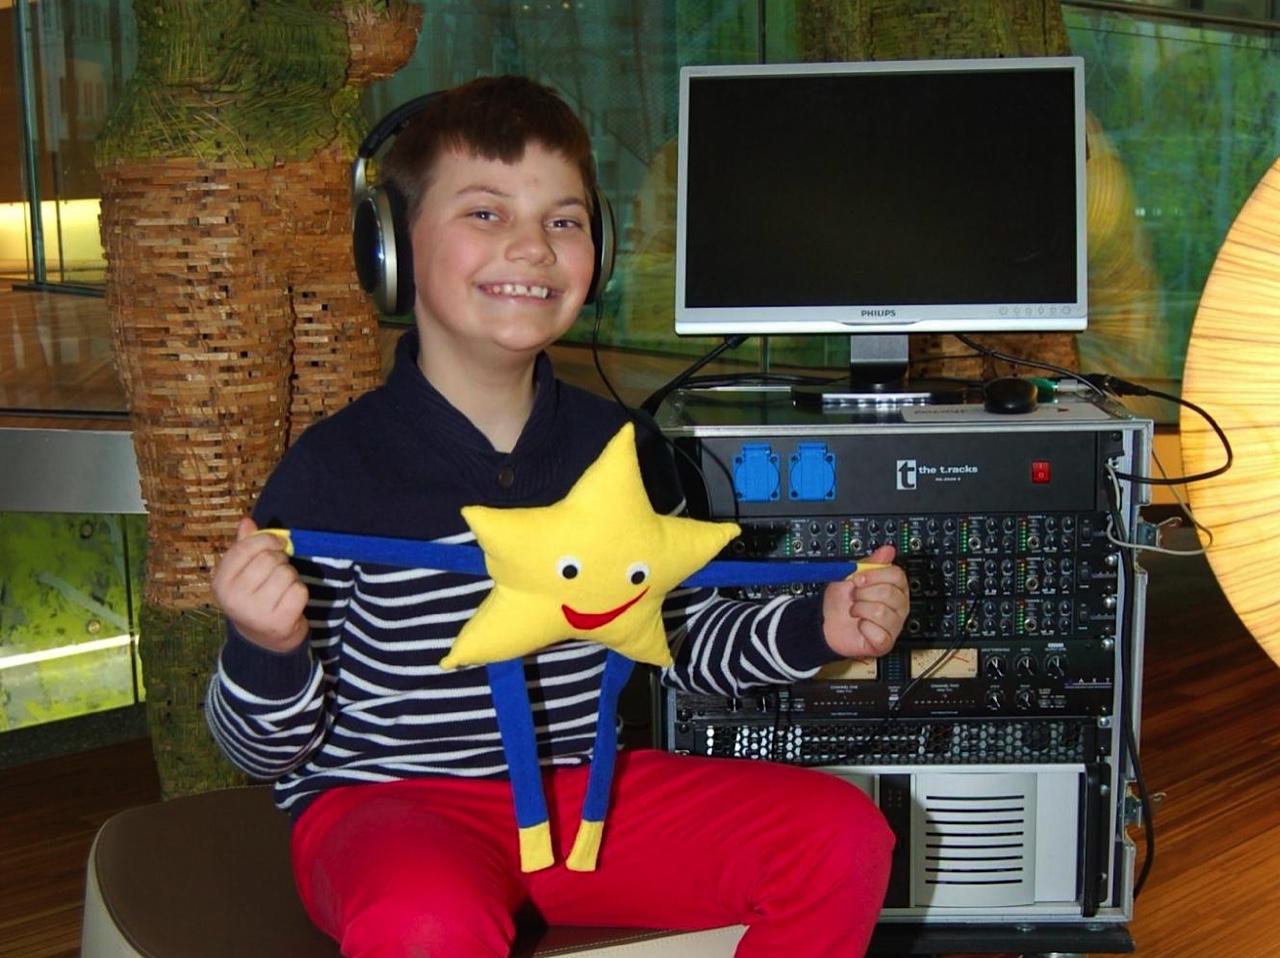 Hörtraining: Mittels audiovisueller Wahrnehmungsförderung werden Sprachentwicklung und Sprachverständnis verbessert.